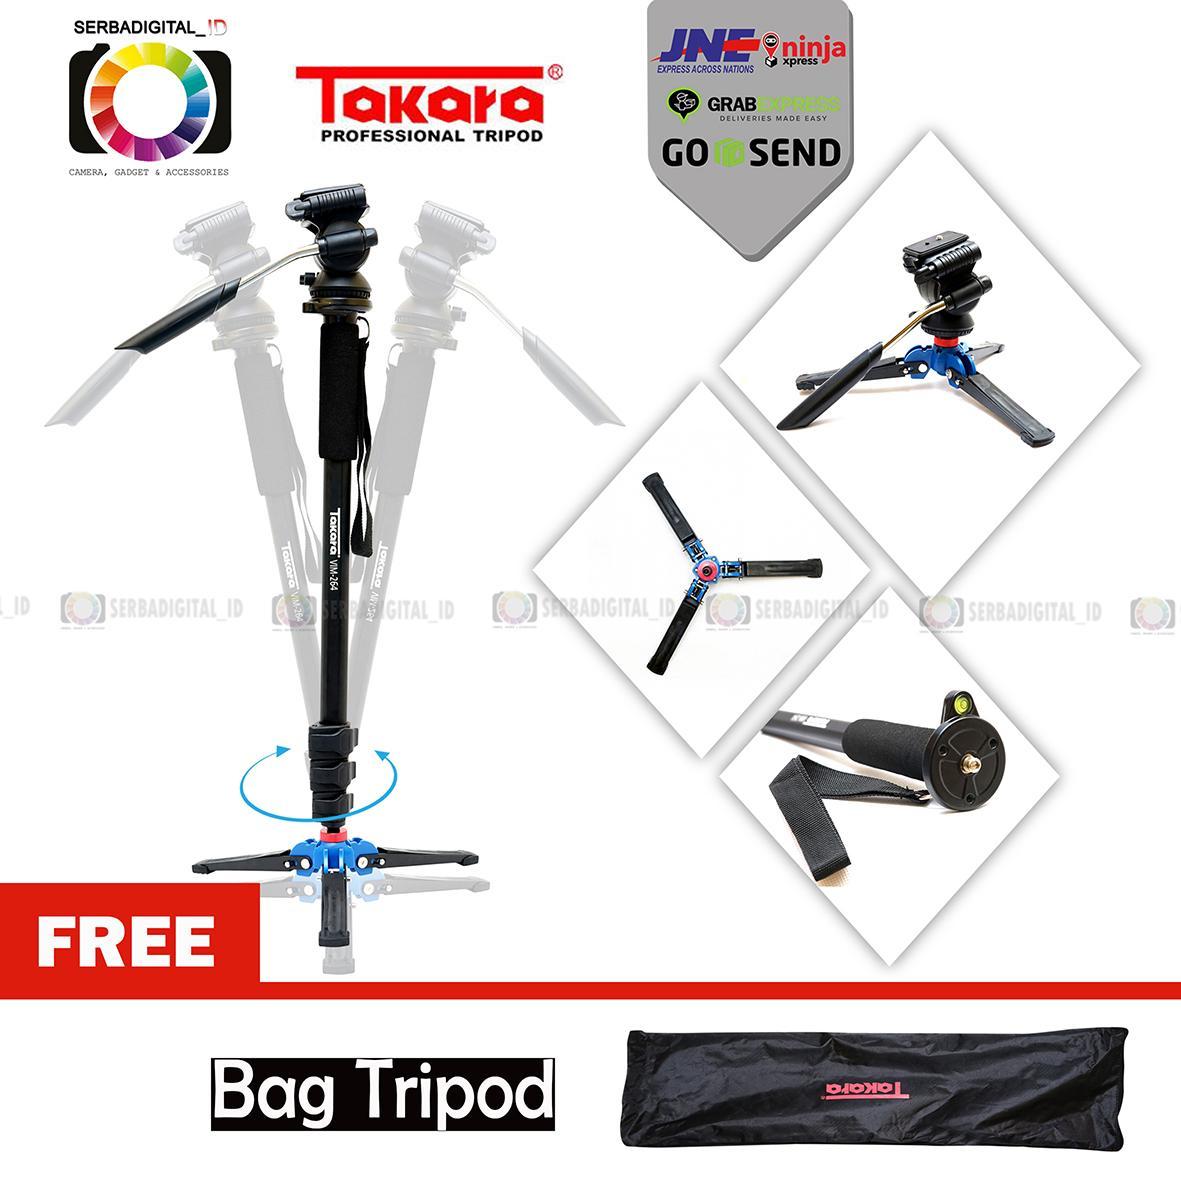 TAKARA VIM 264 Fluid Head Video Monopod, Tripod Camera